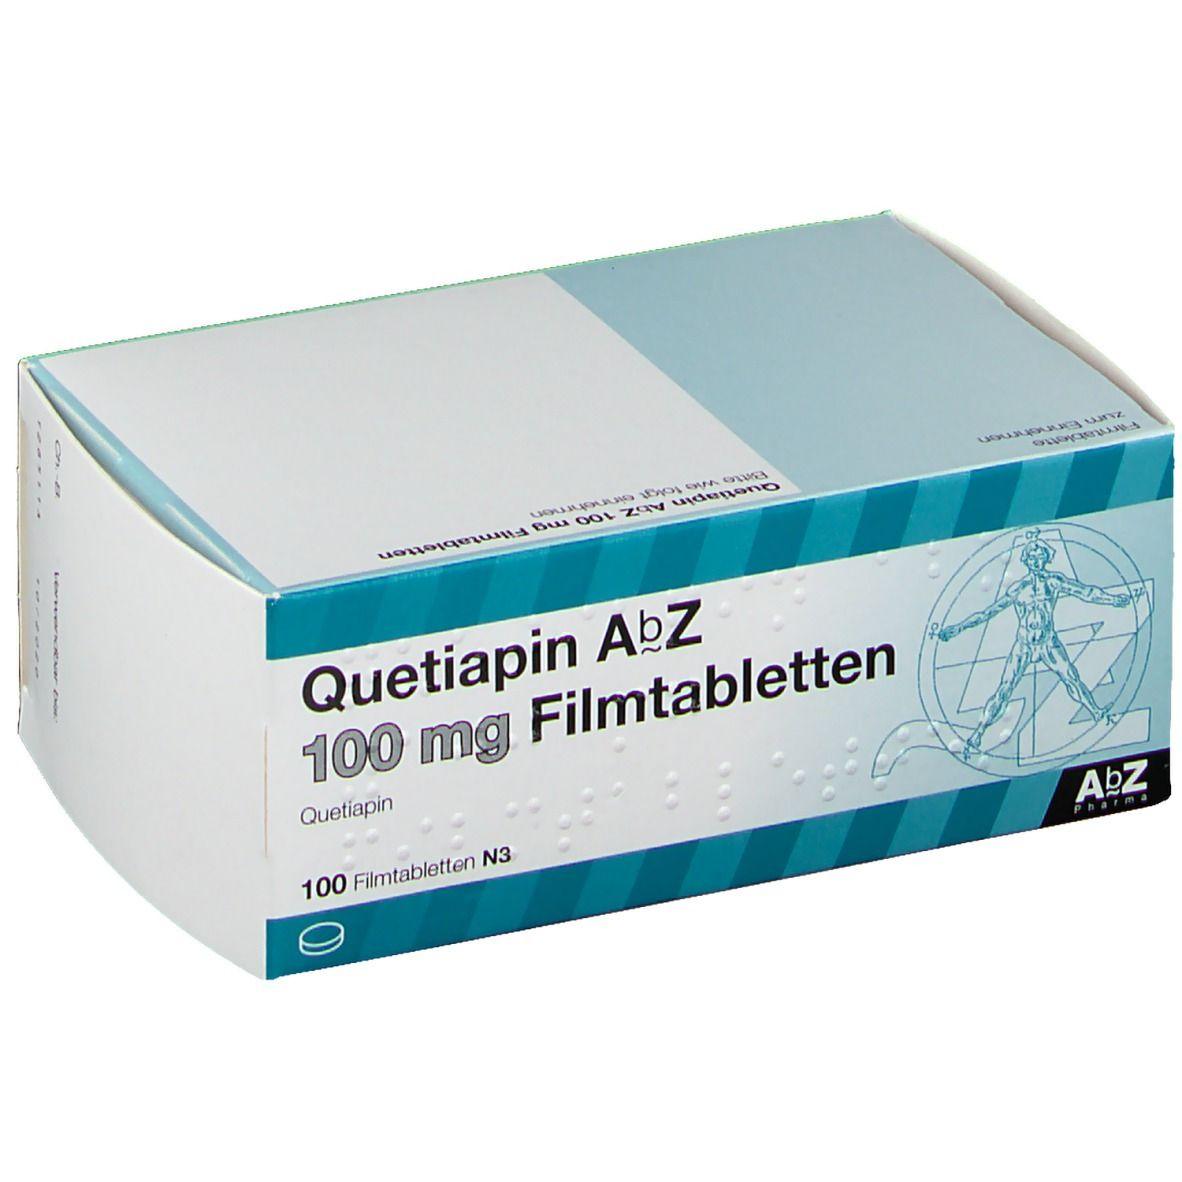 QUETIAPIN AbZ 100 mg Filmtabletten